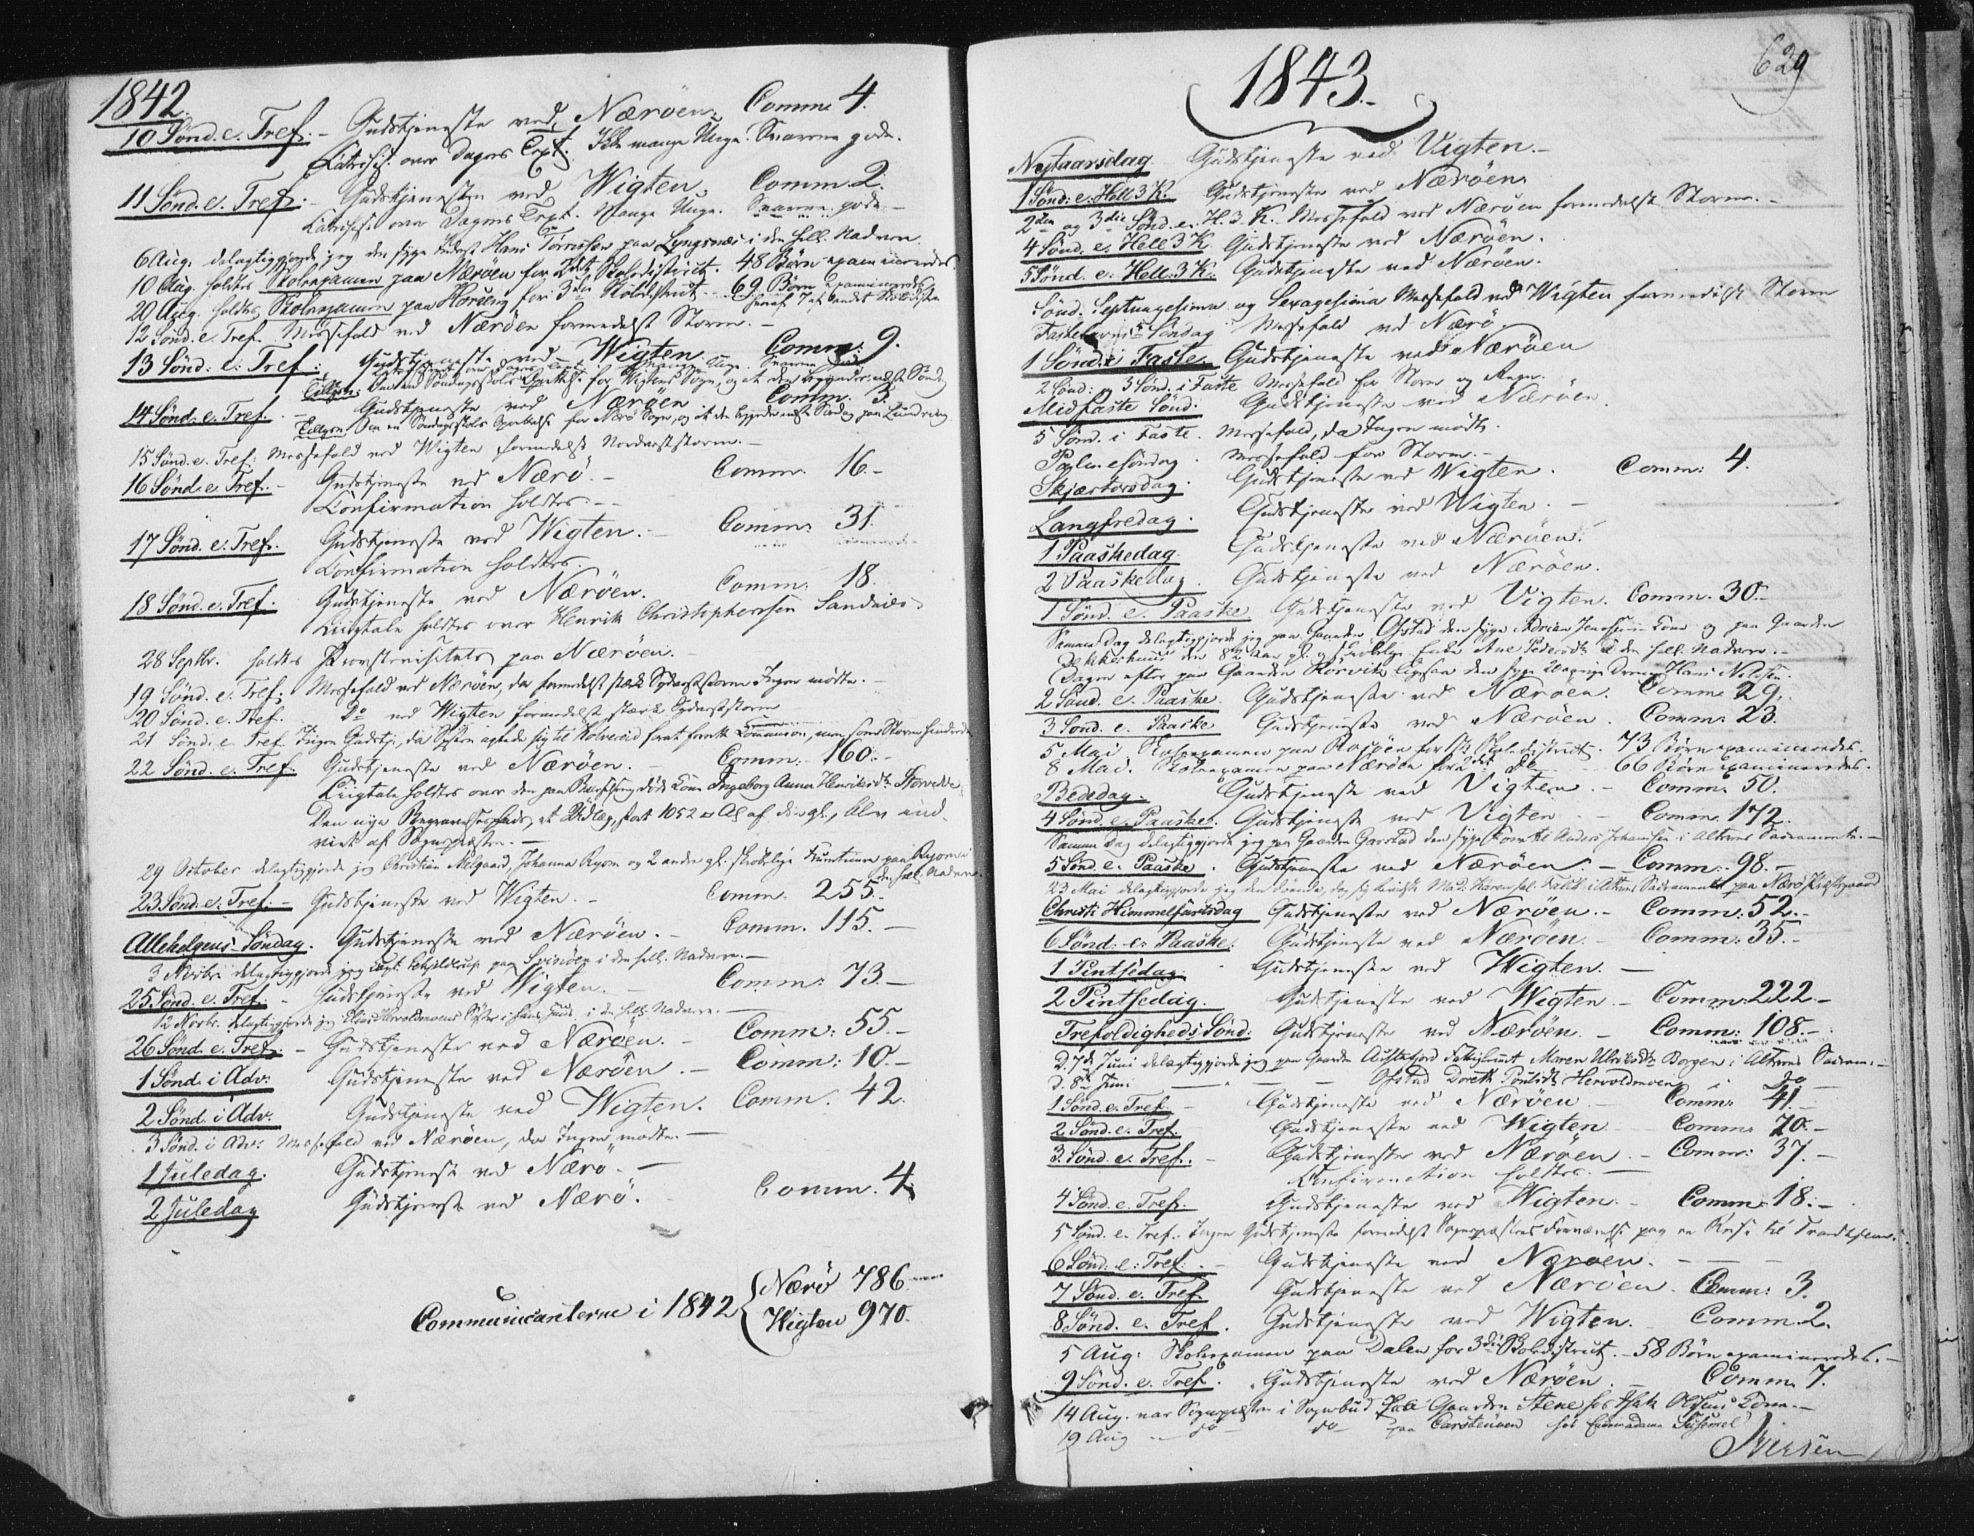 SAT, Ministerialprotokoller, klokkerbøker og fødselsregistre - Nord-Trøndelag, 784/L0669: Ministerialbok nr. 784A04, 1829-1859, s. 629